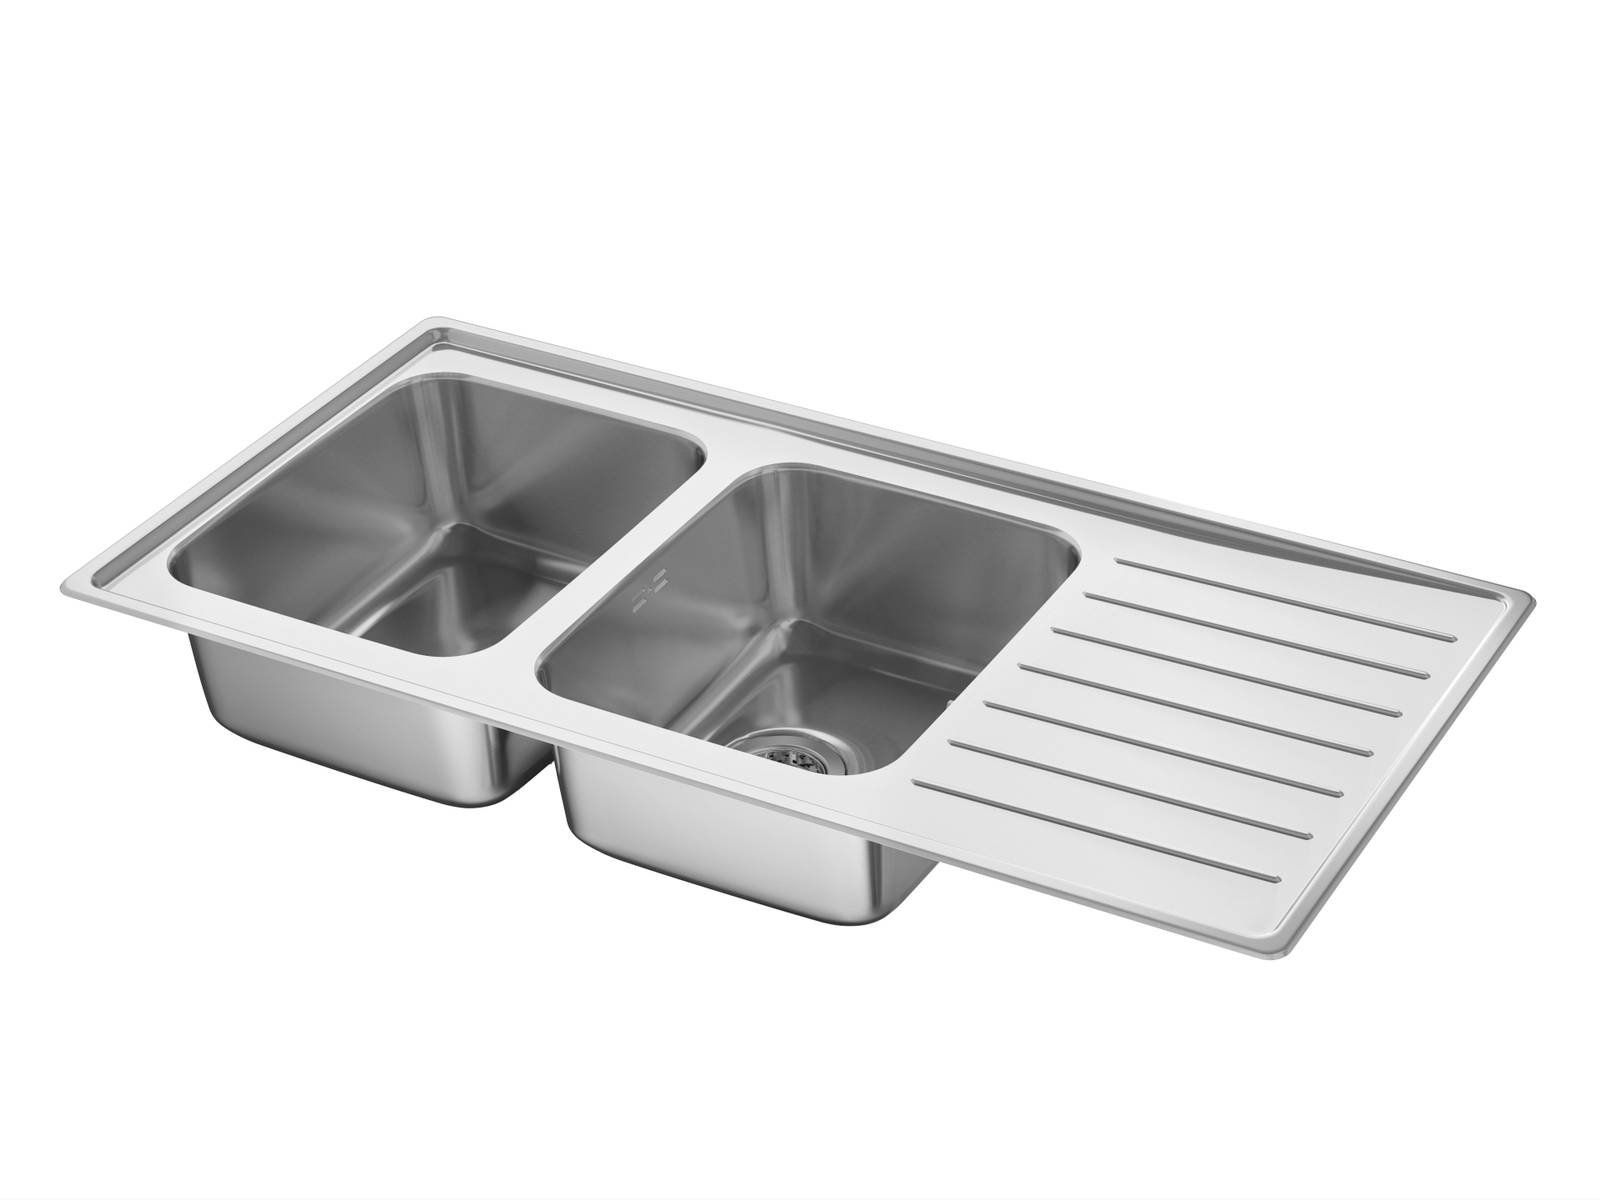 Lavello quale materiale scegliere per il lavandino della cucina